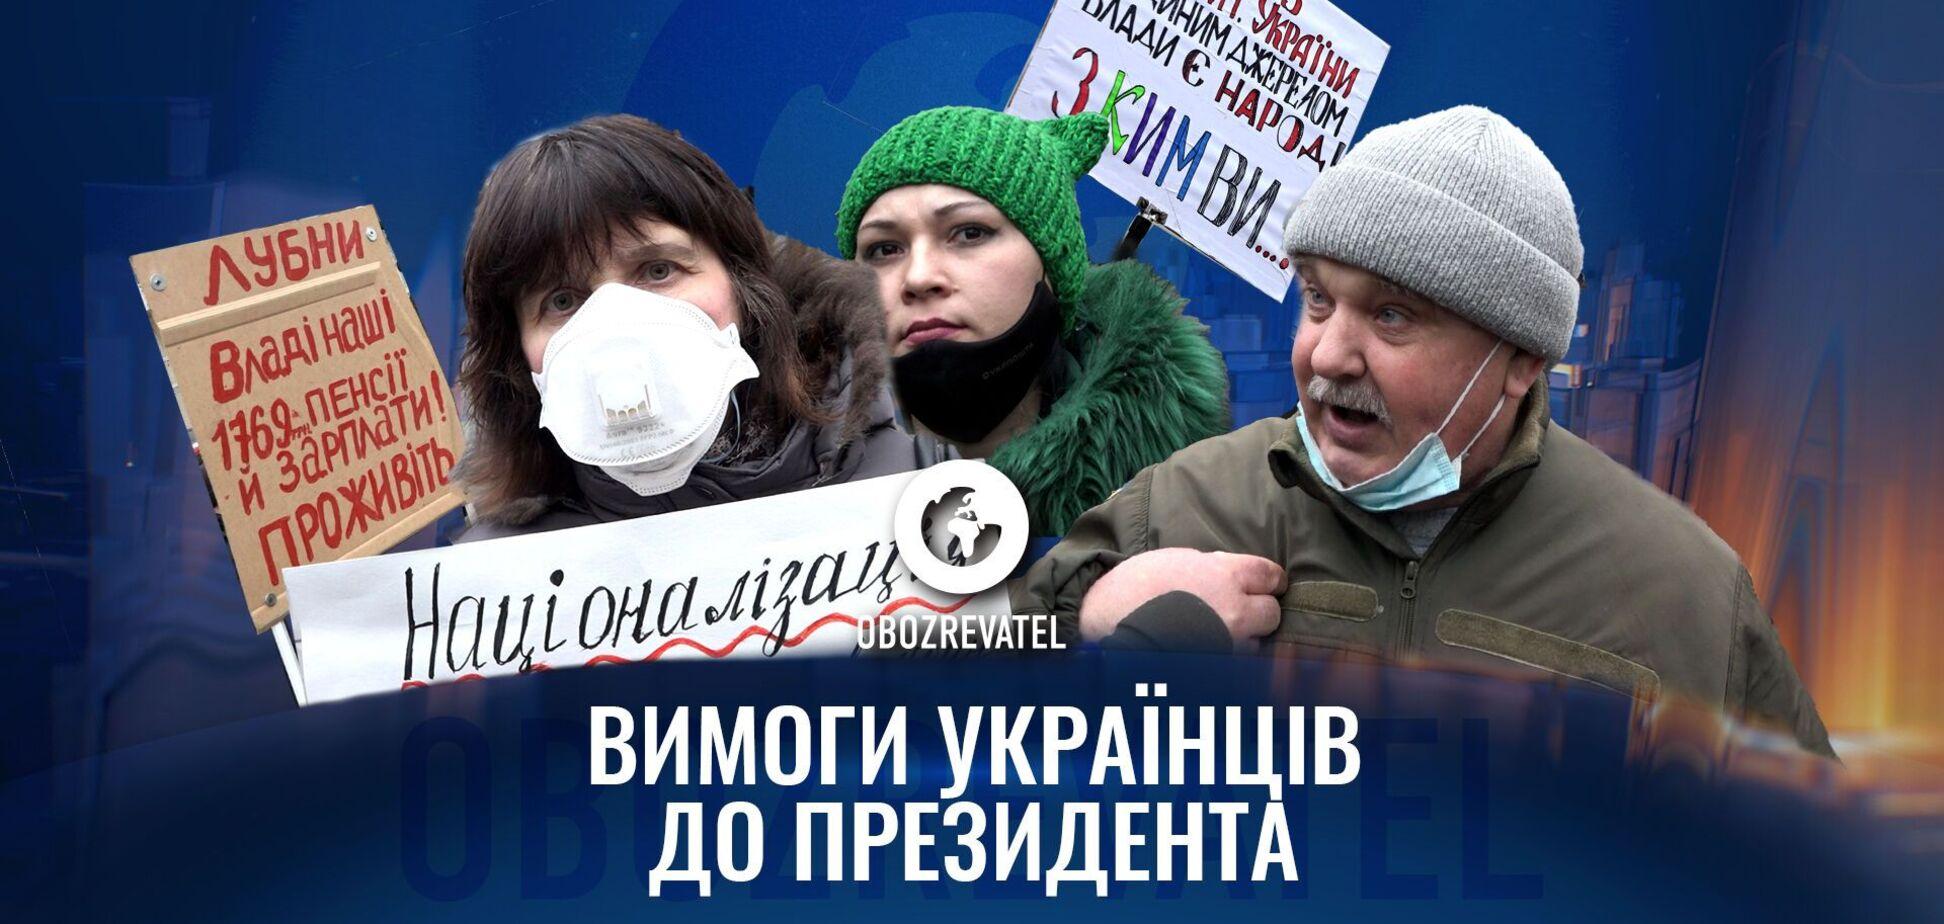 Украинцы протестовали против увеличения тарифов